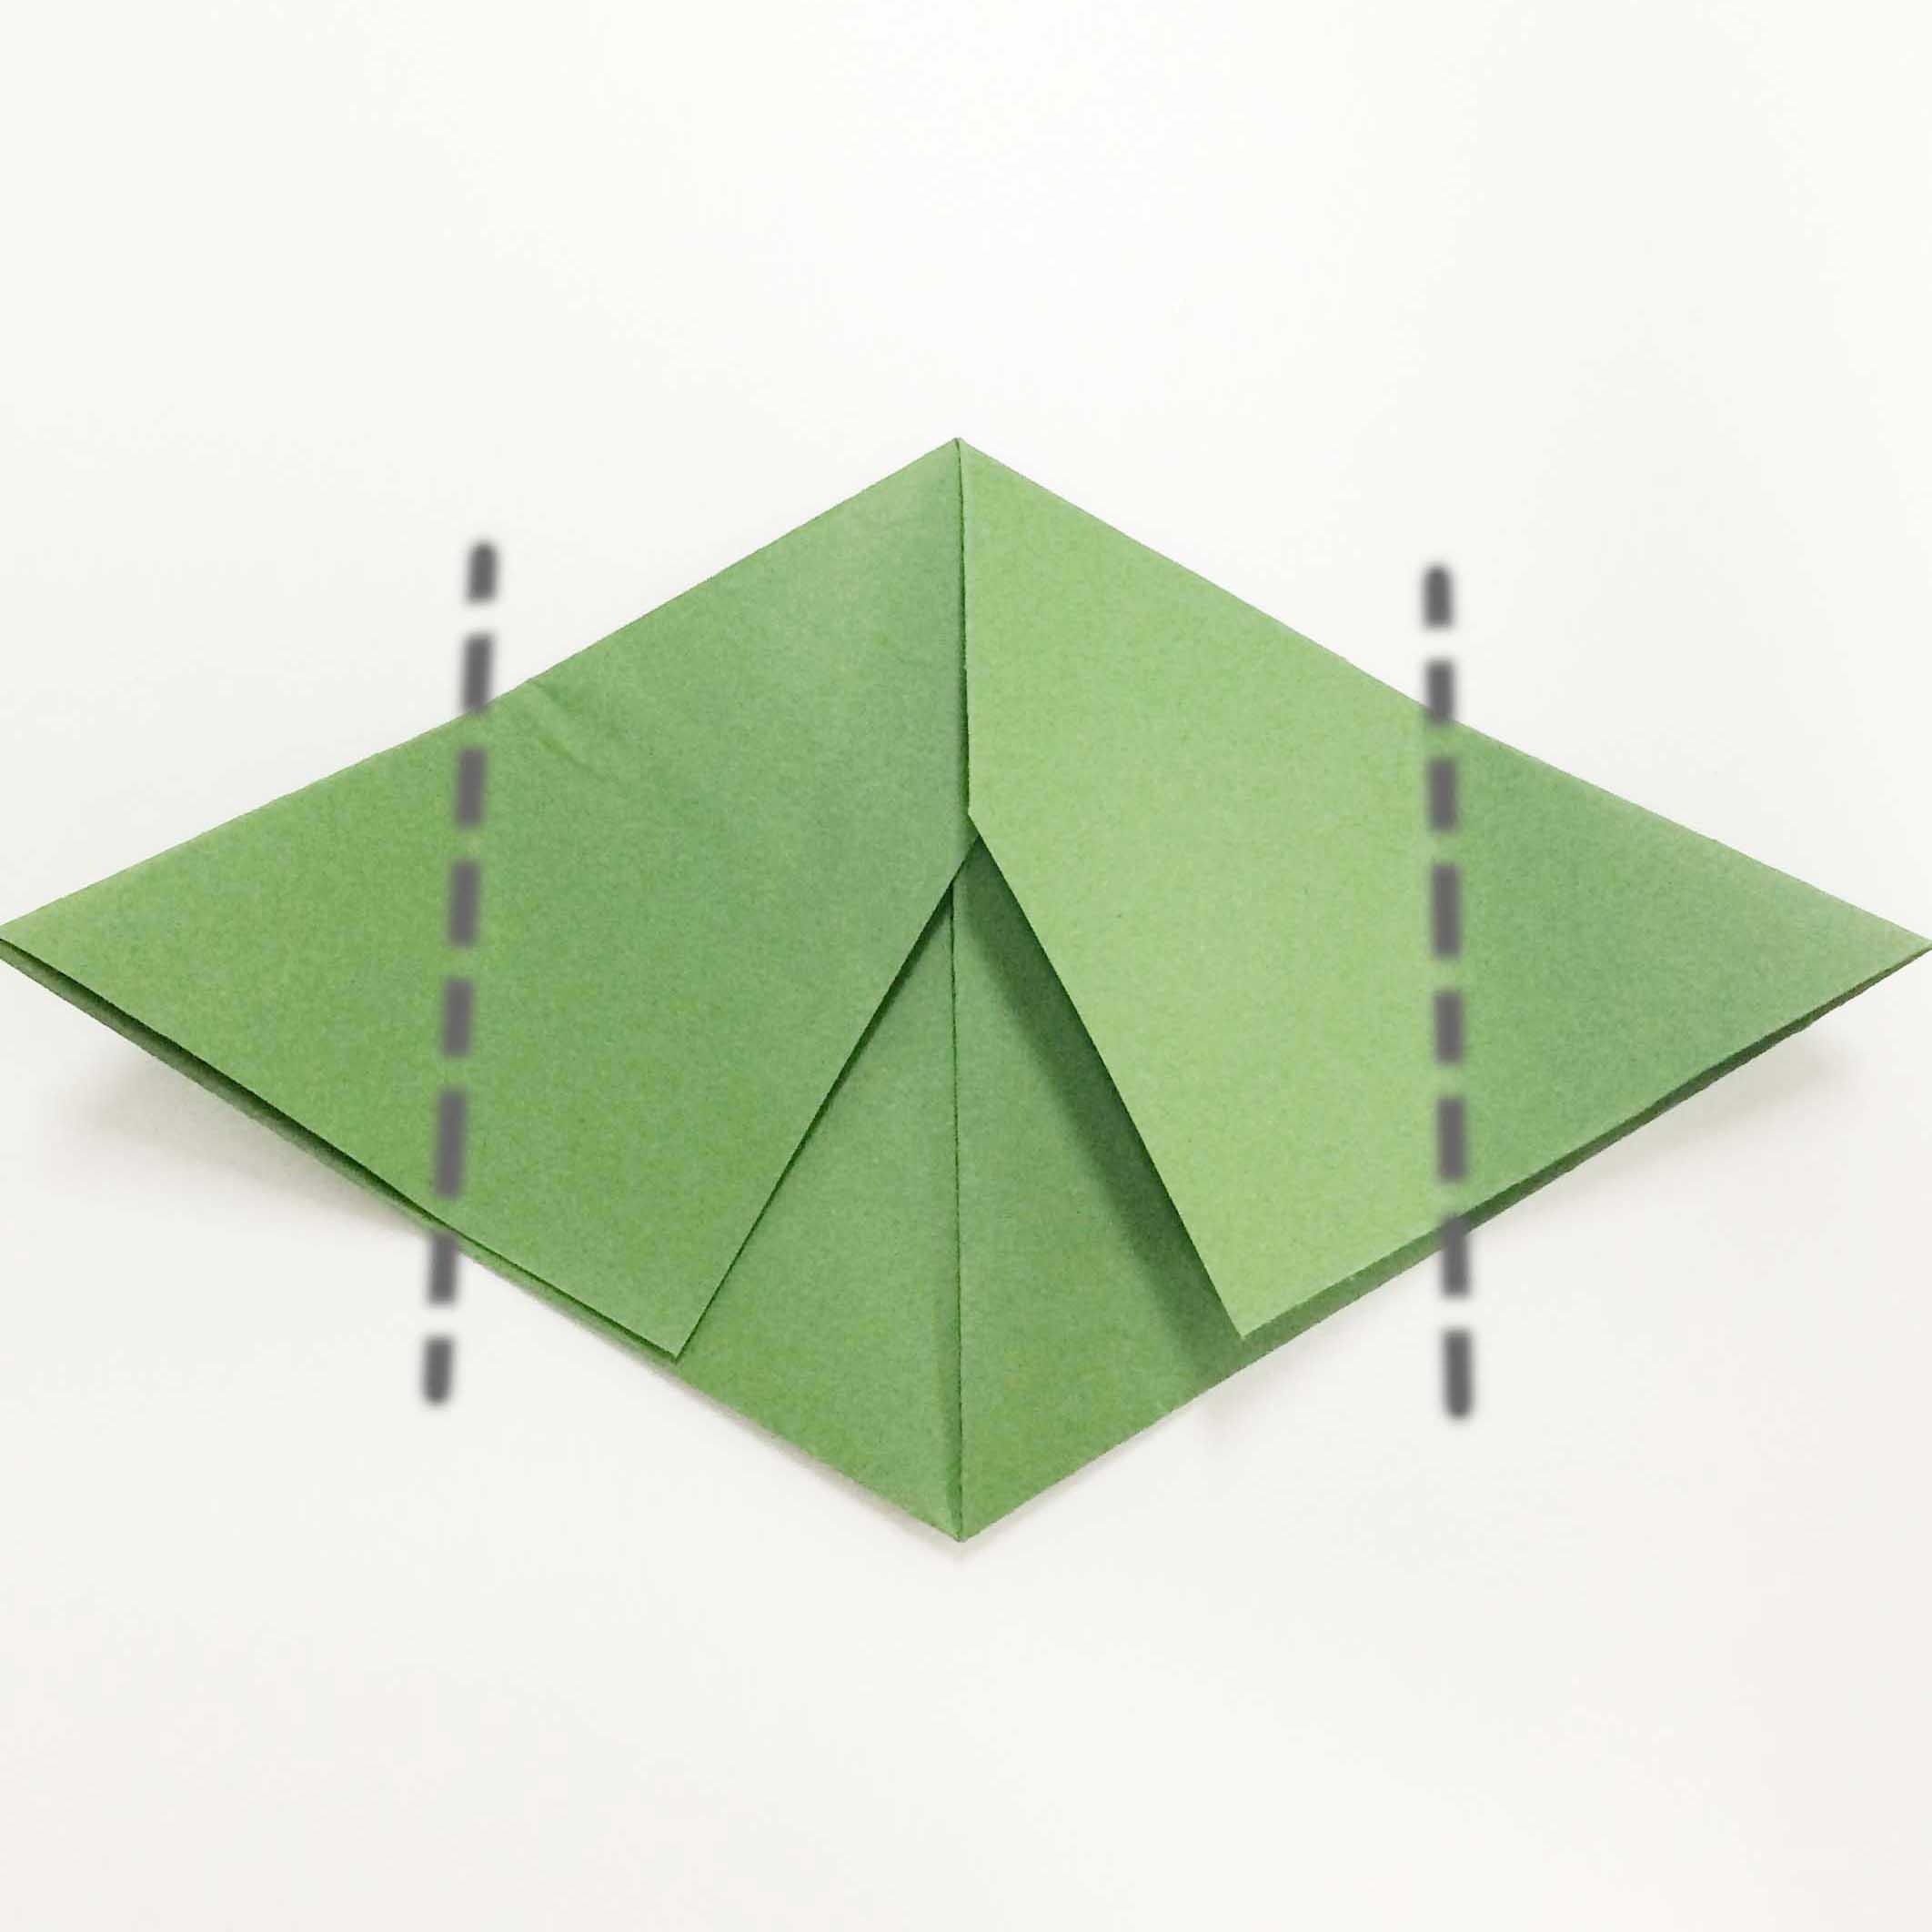 11. 對應中線對折一半(沿虛線折疊)